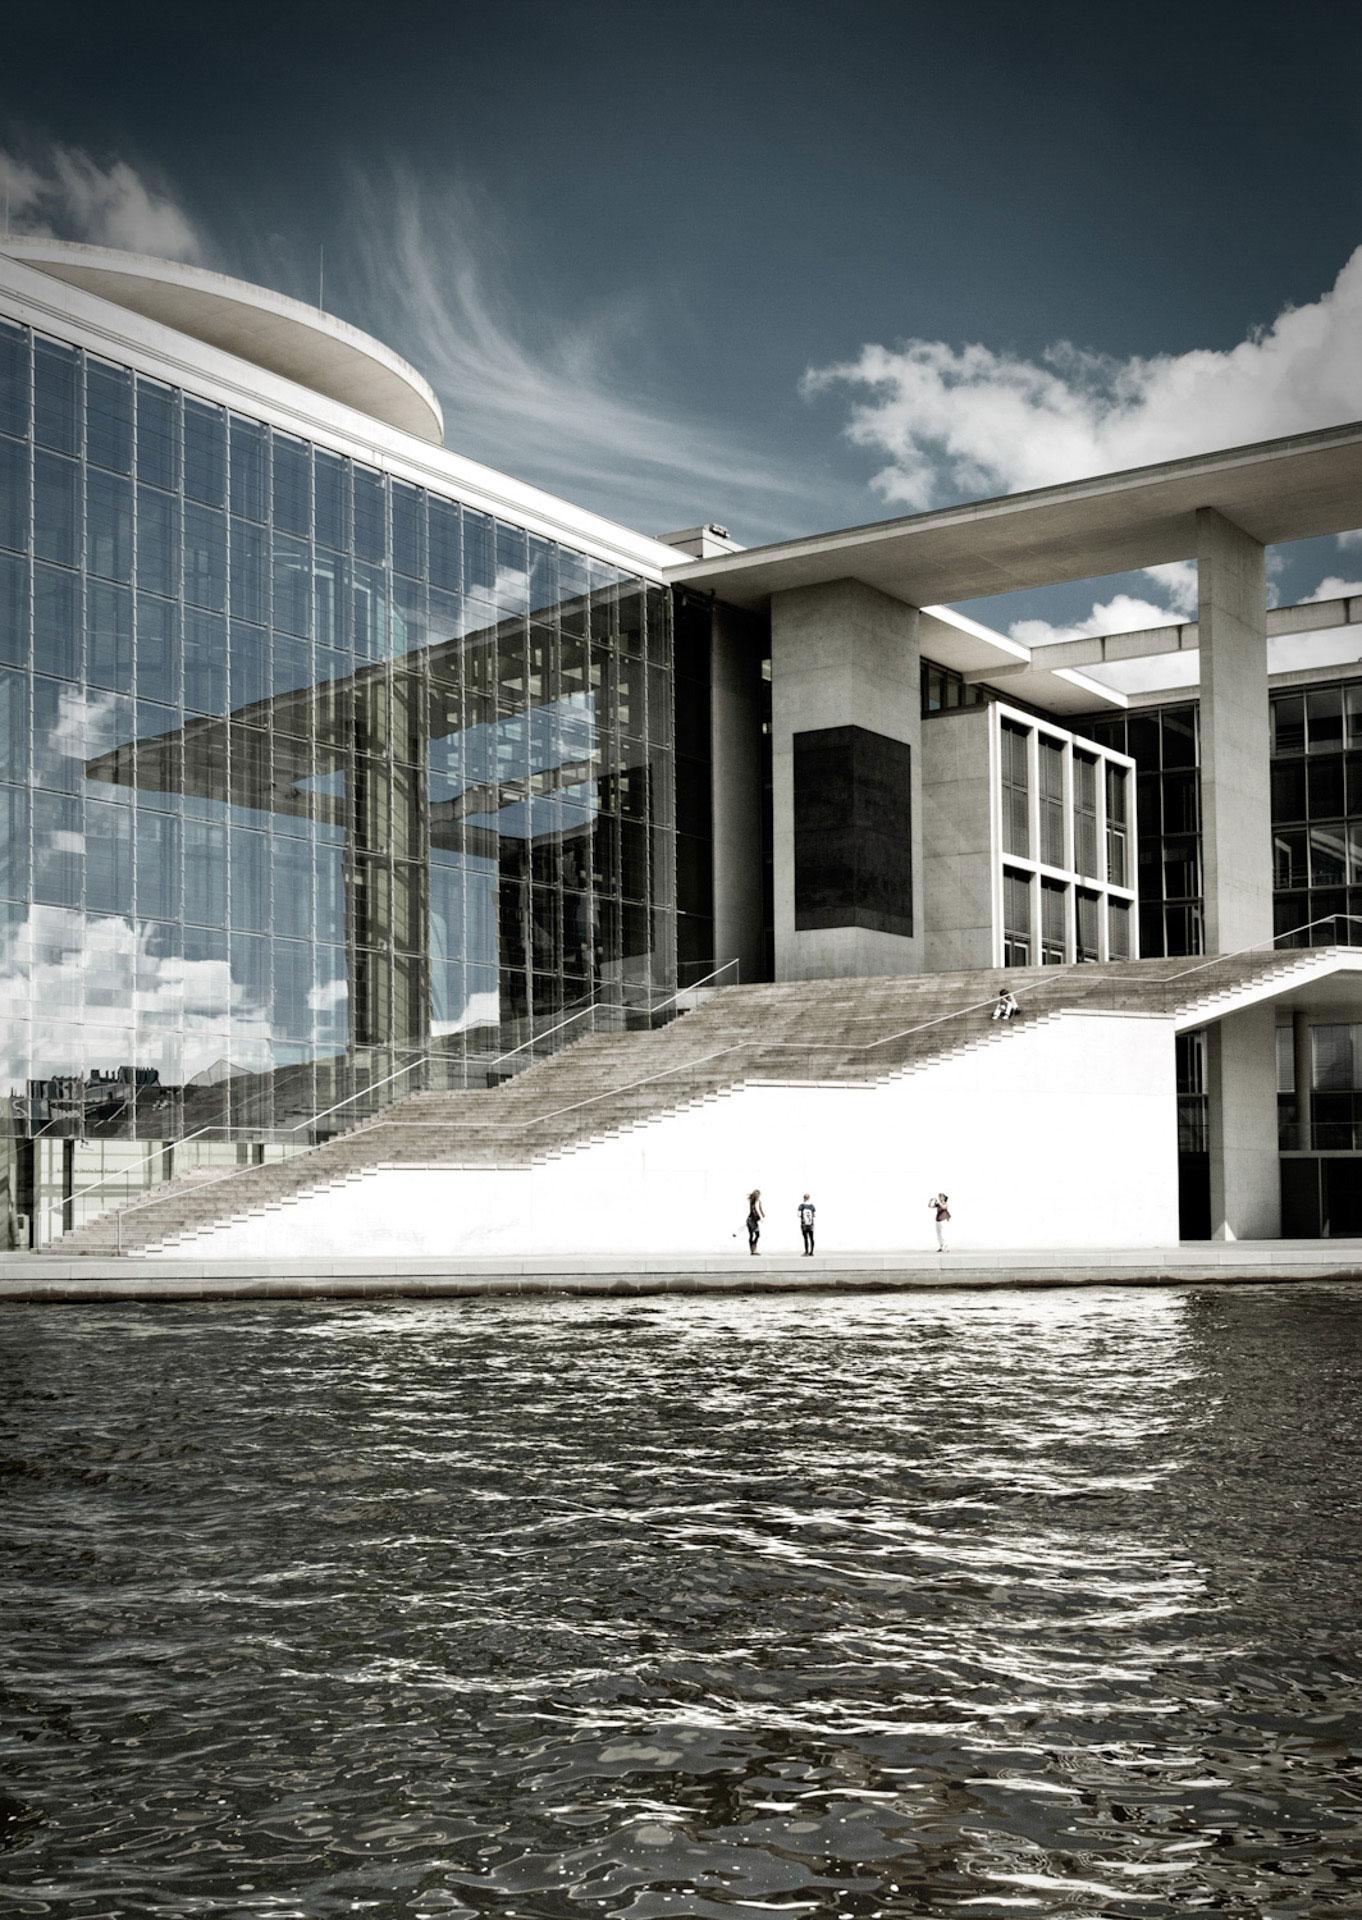 vl9-architecture